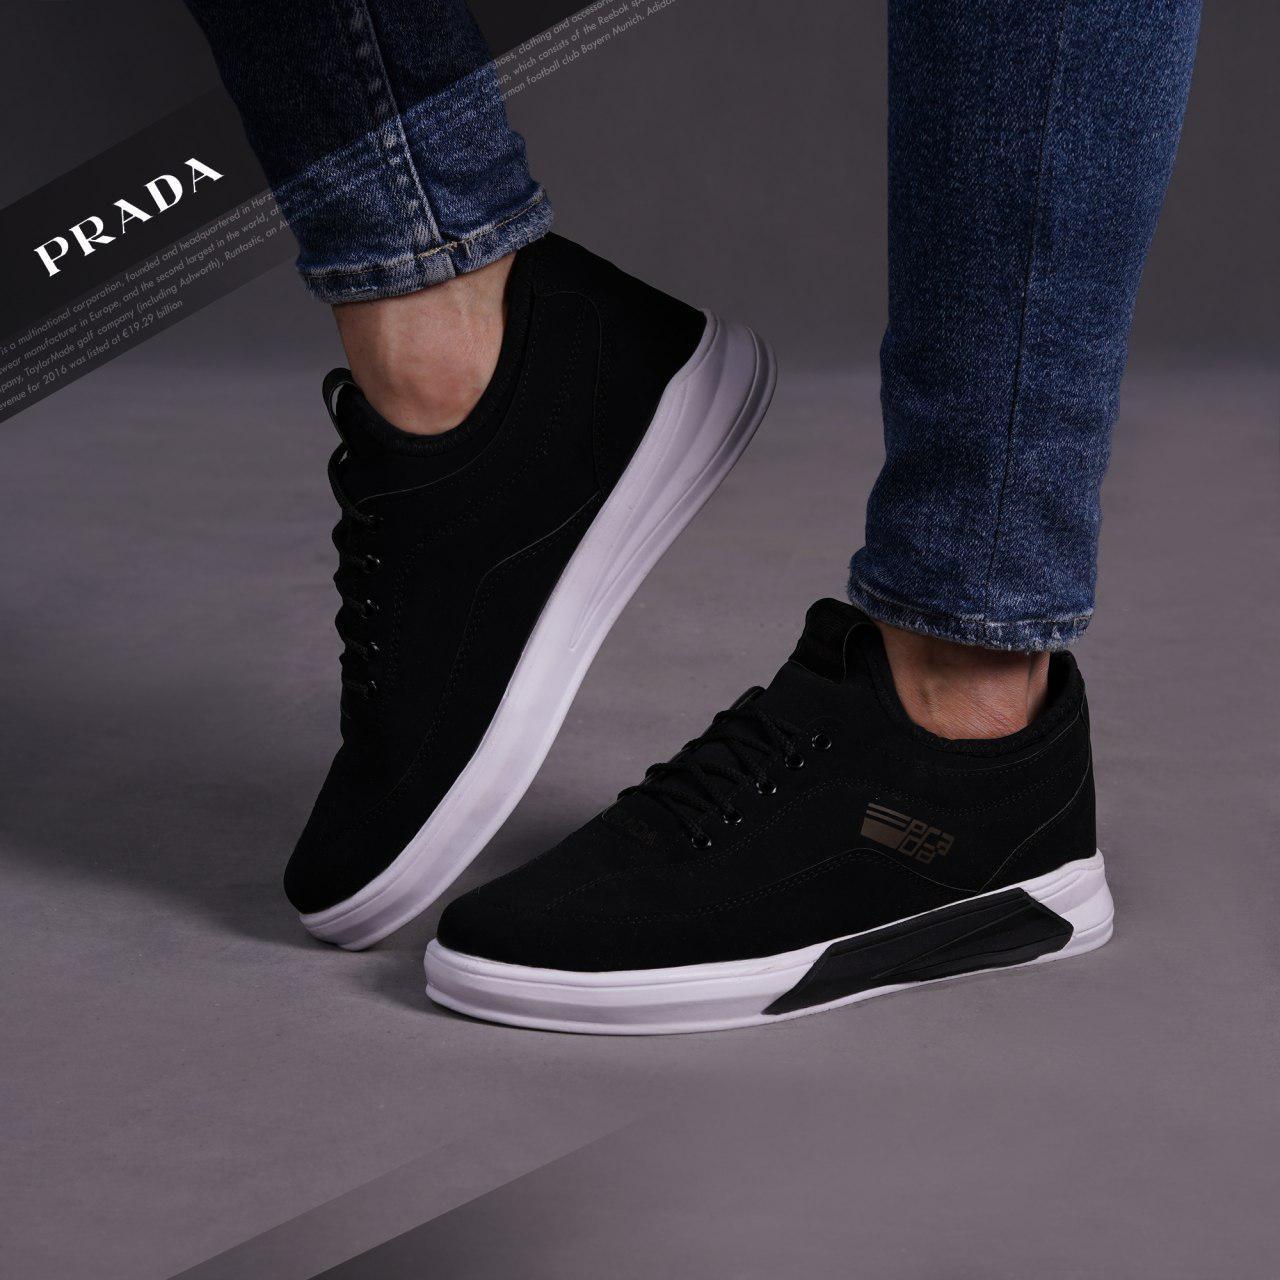 کفش مردانه PRADA مدل Zaff(مشکی)